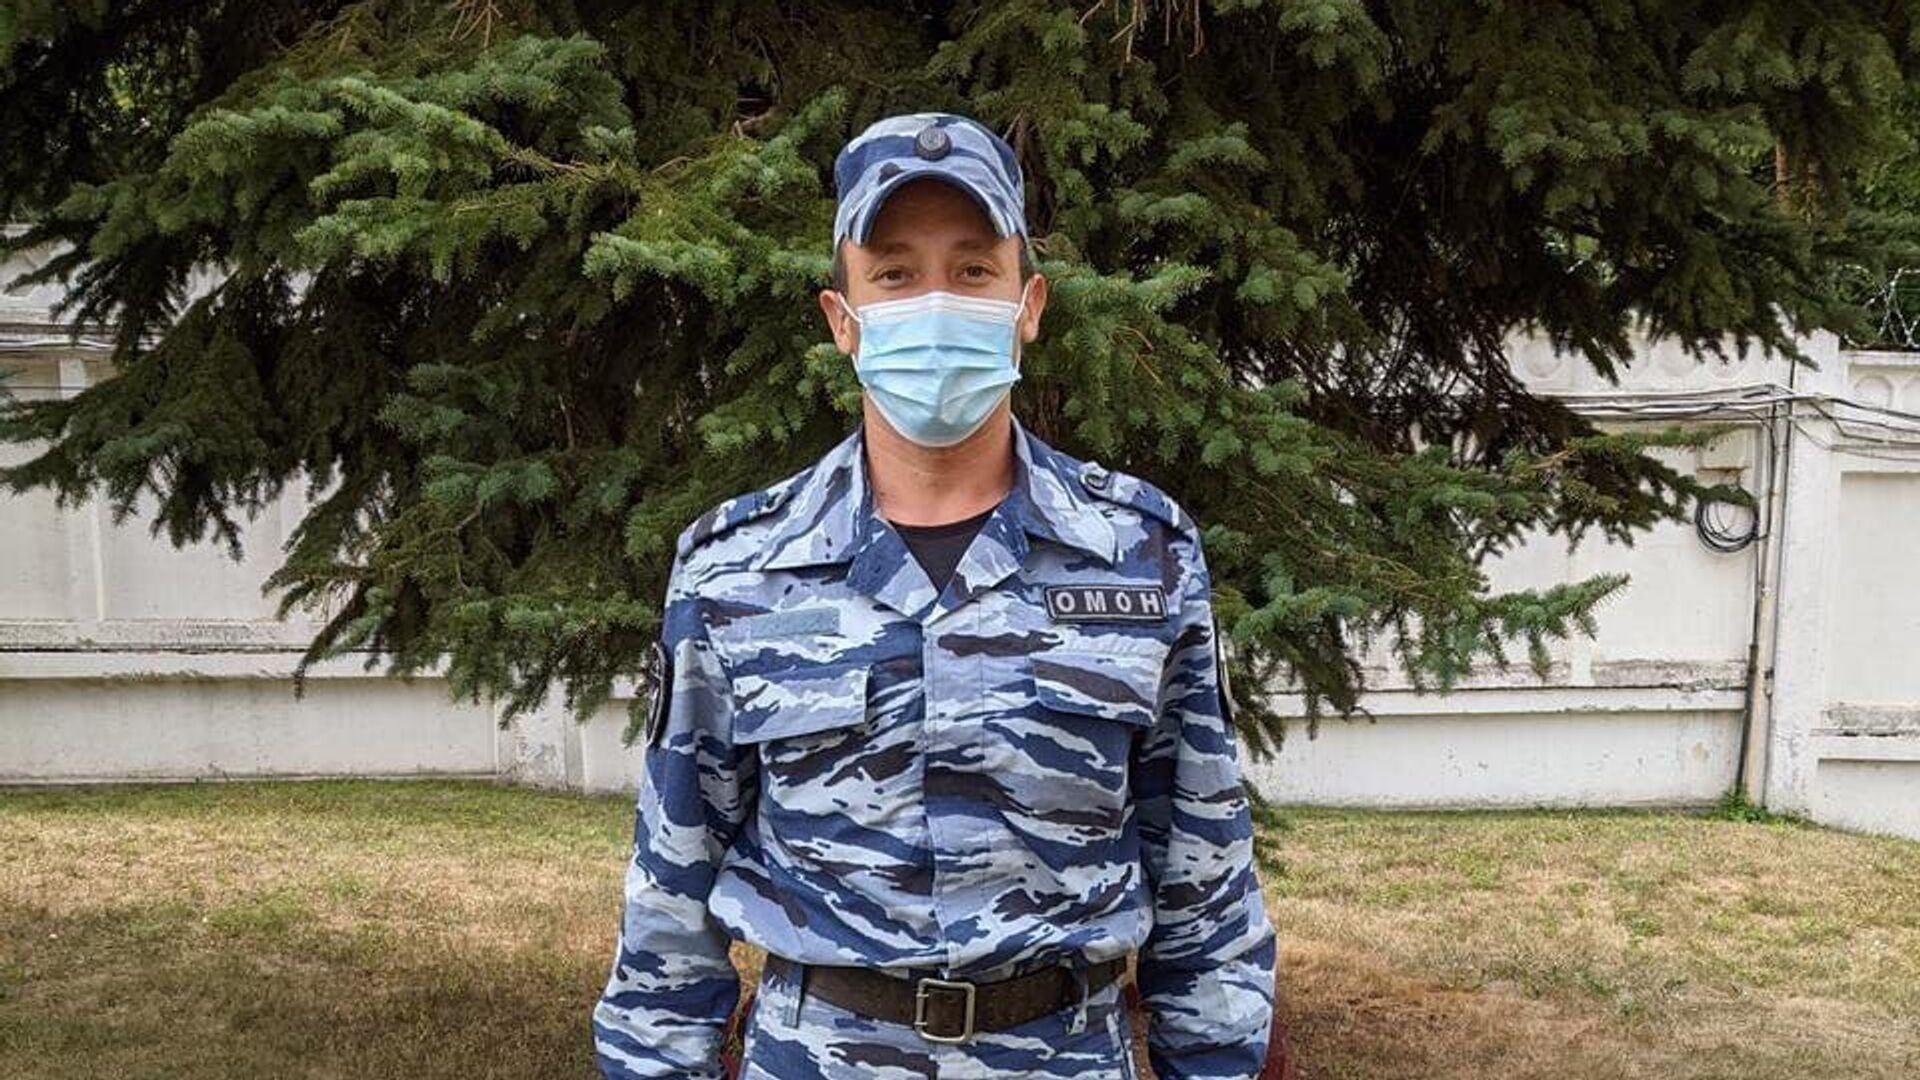 Нижегородский росгвардеец помог потерявшему сознание наблюдателю на выборах